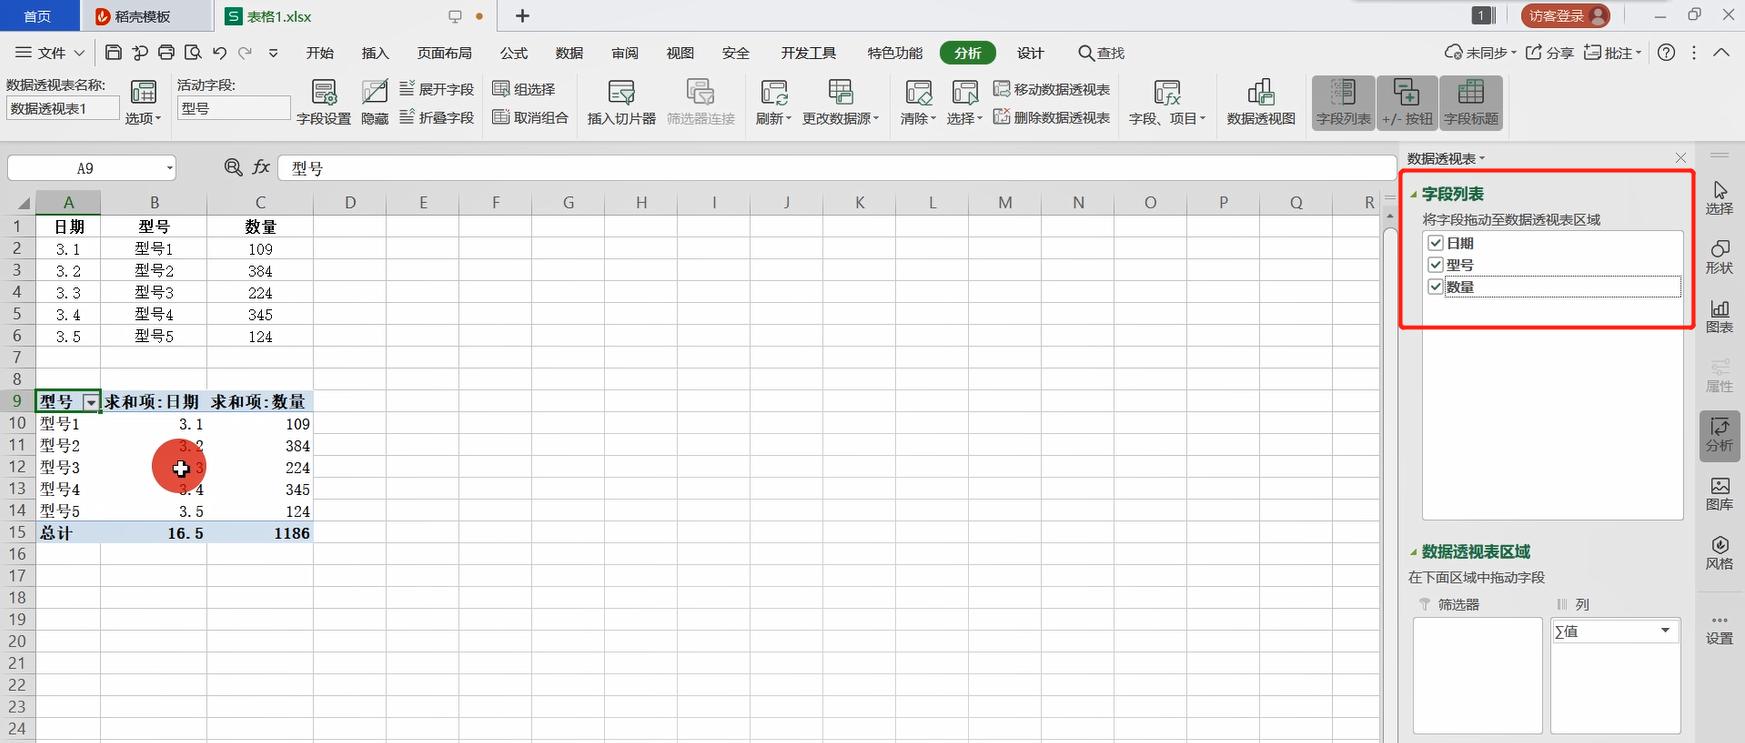 数据透视表制作的方法步骤